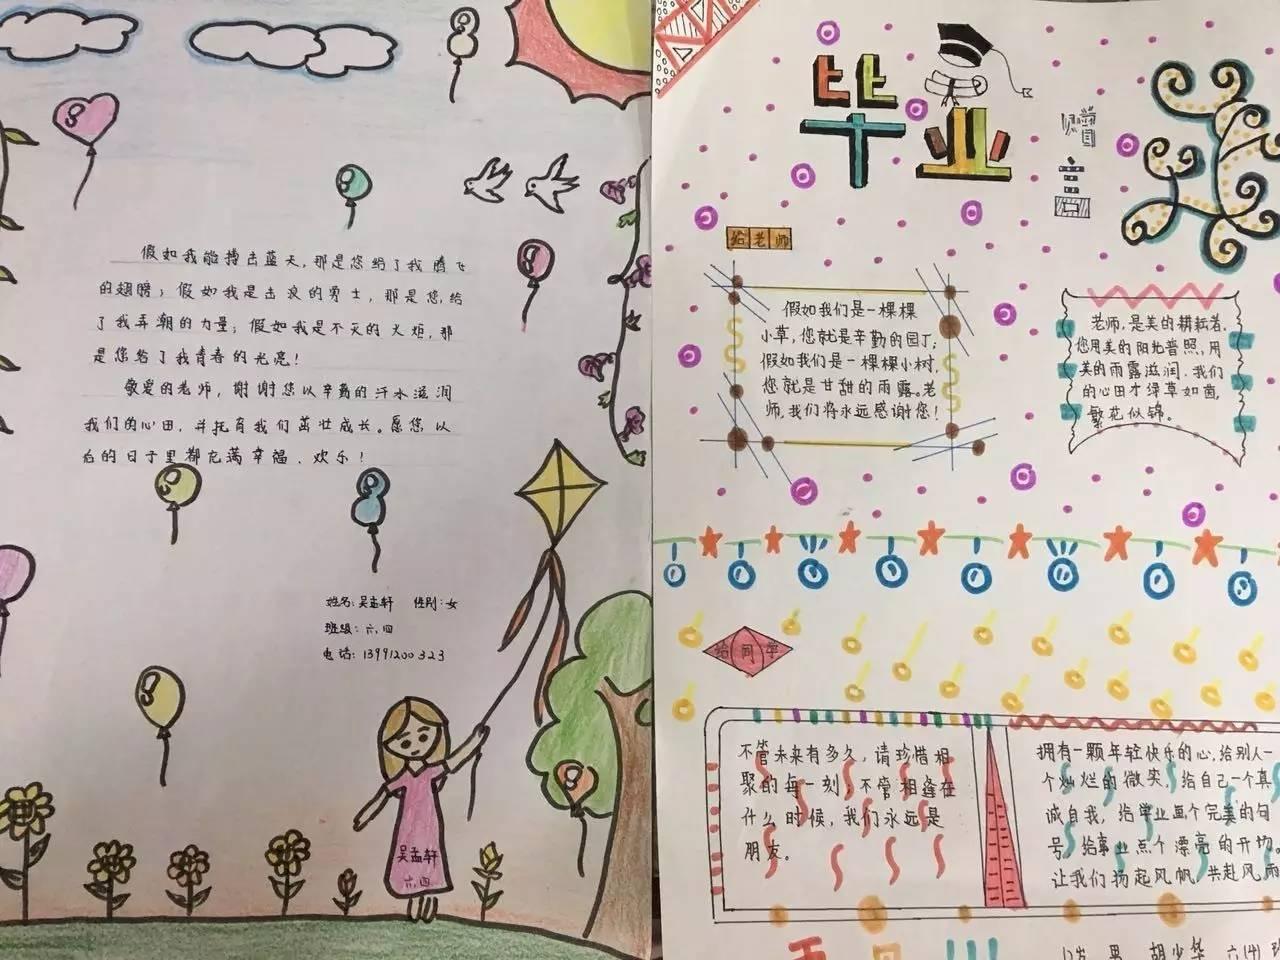 【毕业季系列5】班级纪念册,留下校园点滴记录